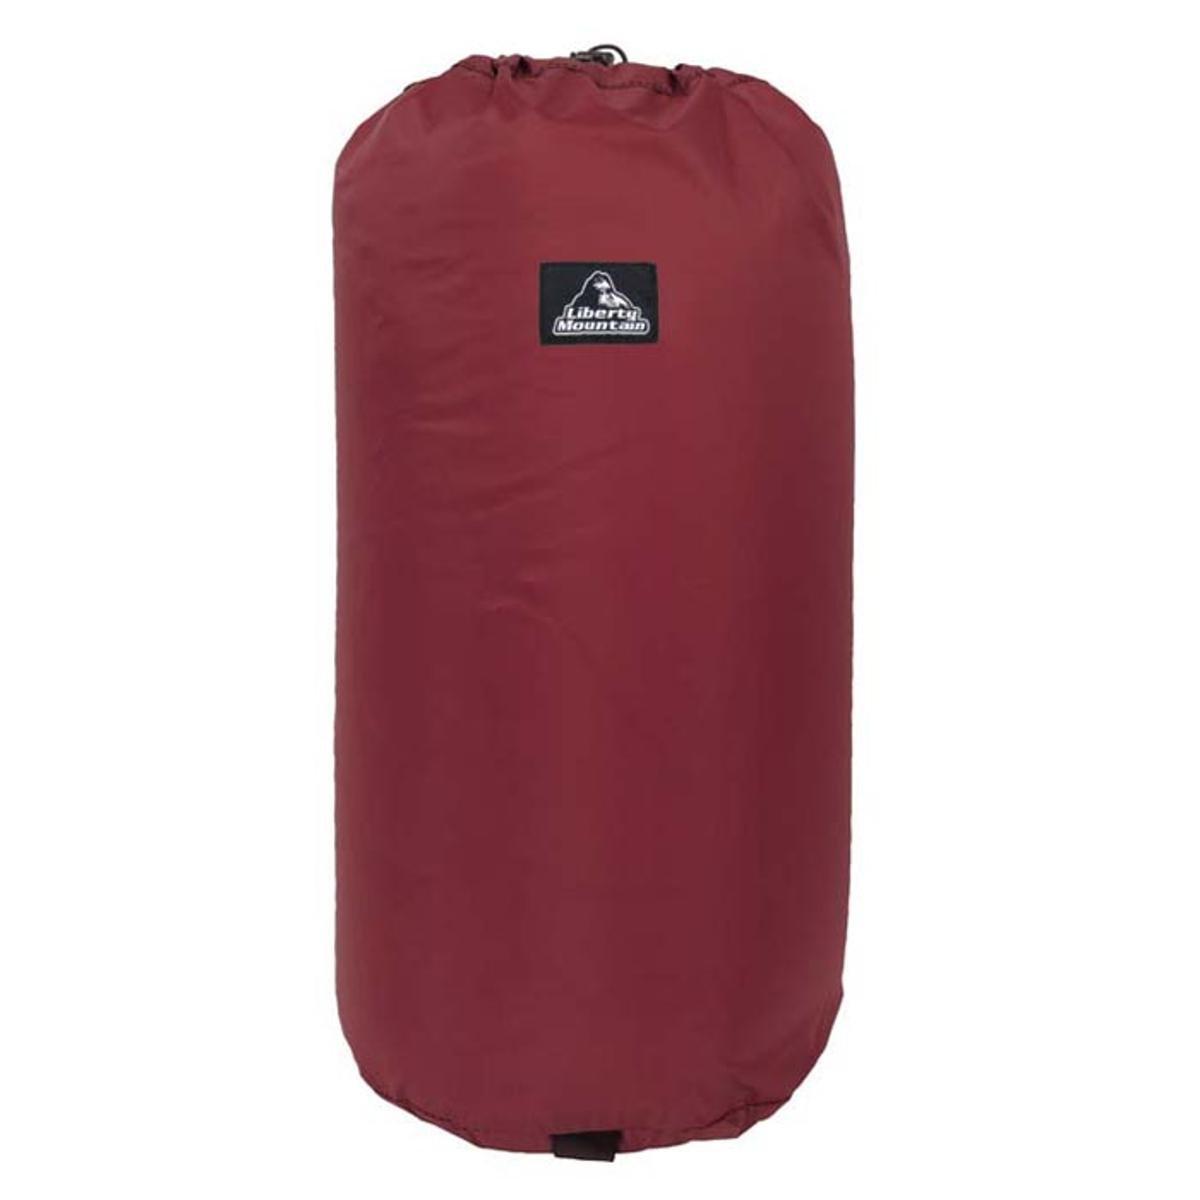 Liberty Mountain Stuff saco 12X25 - Variado XL 145224